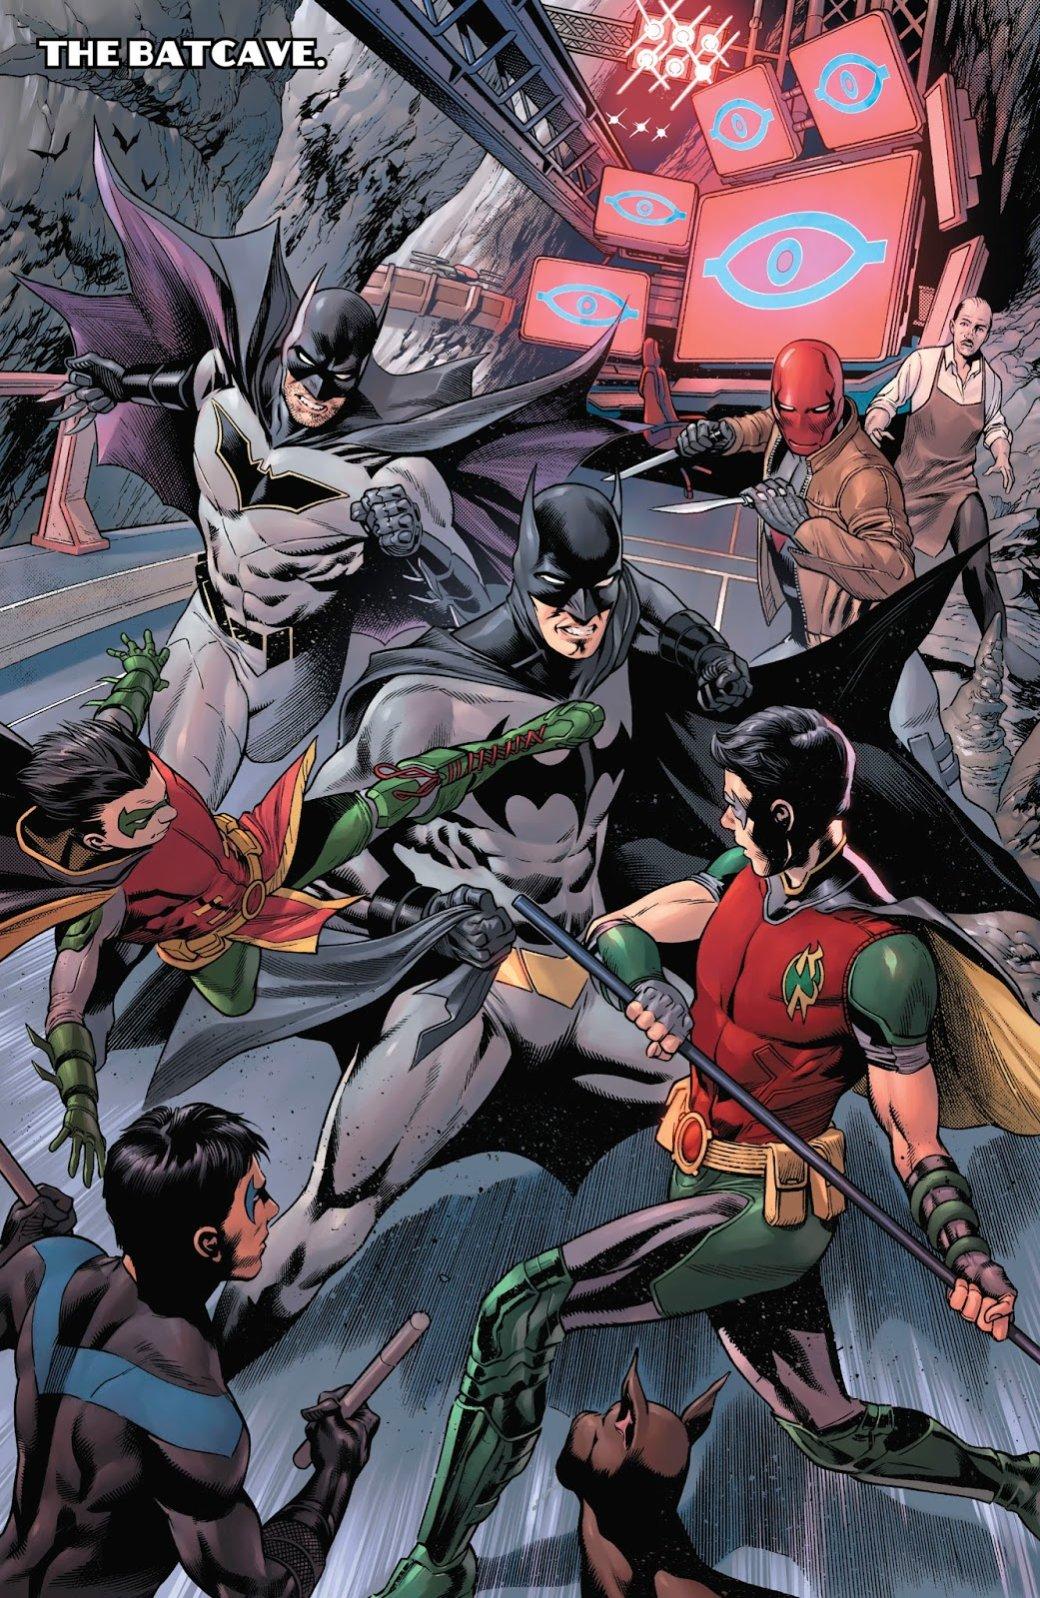 Бэтмен будущего, данетот: как два Тима Дрейка встретились настраницах комикса DC. - Изображение 12